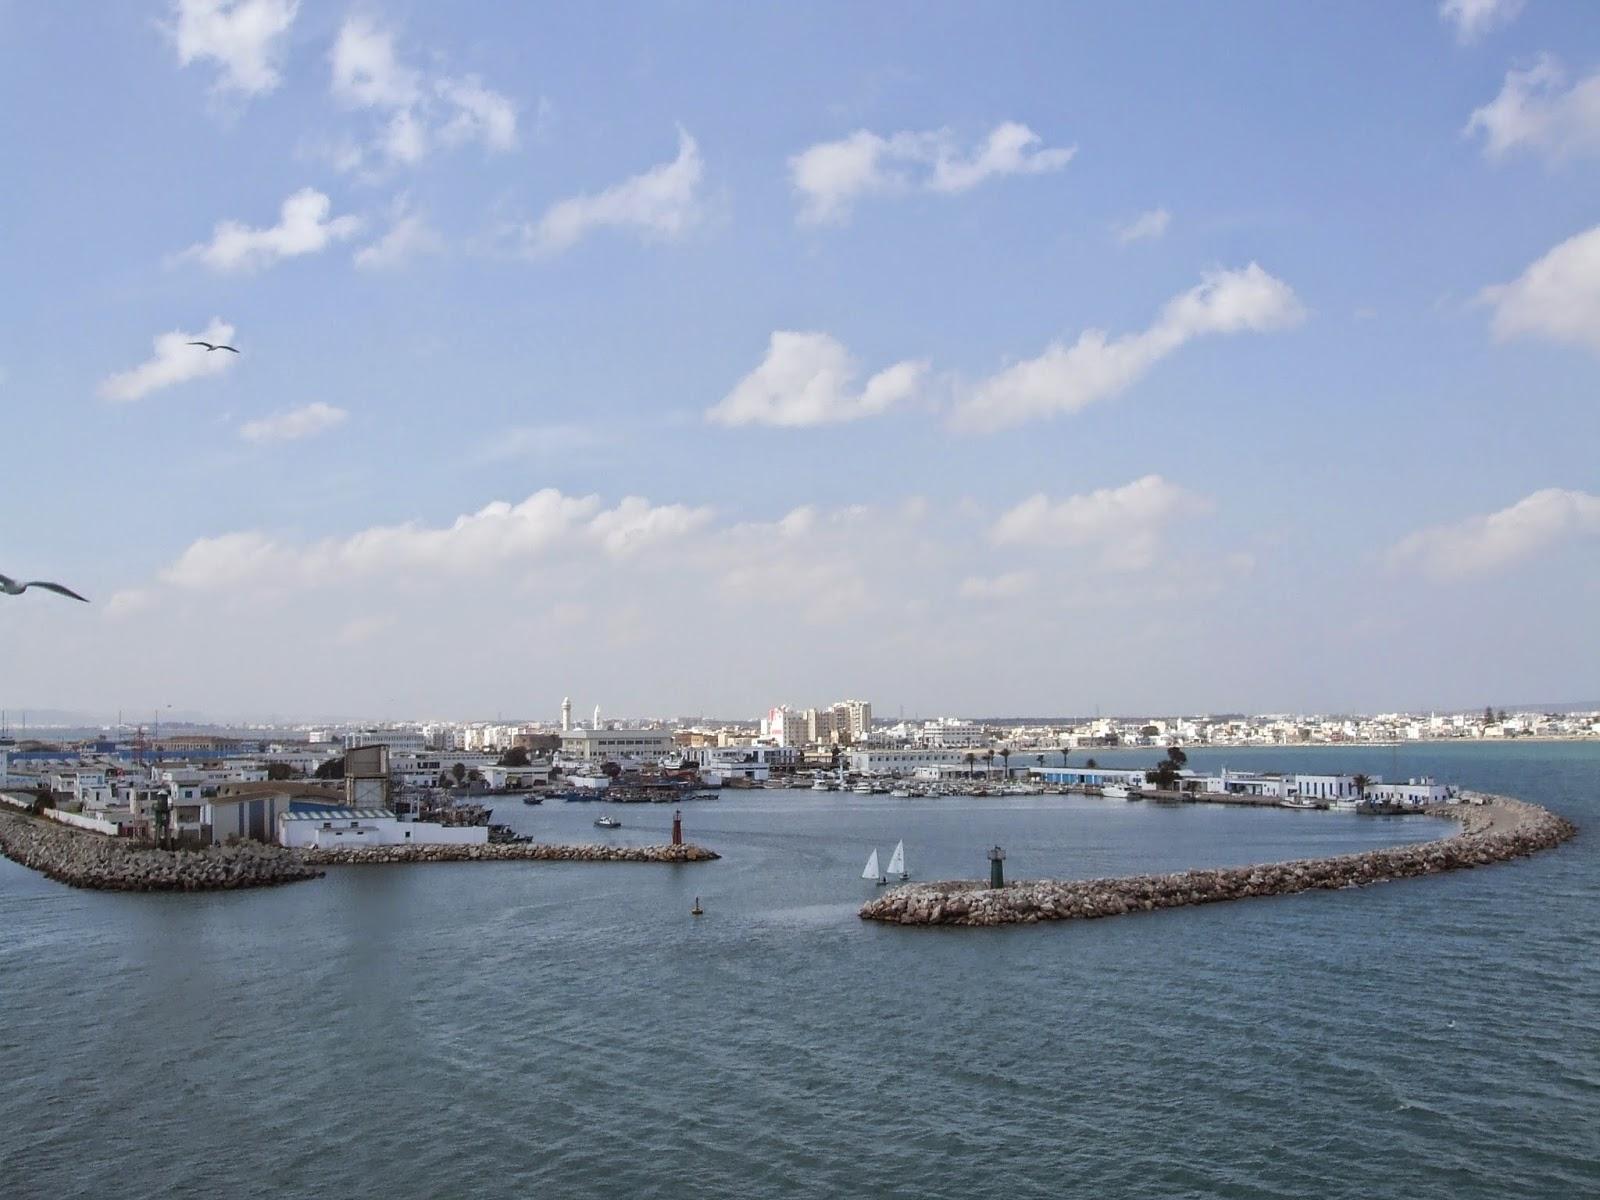 Canal do porto de santos atentado terrorista na tun sia for Costa fascinosa wikipedia